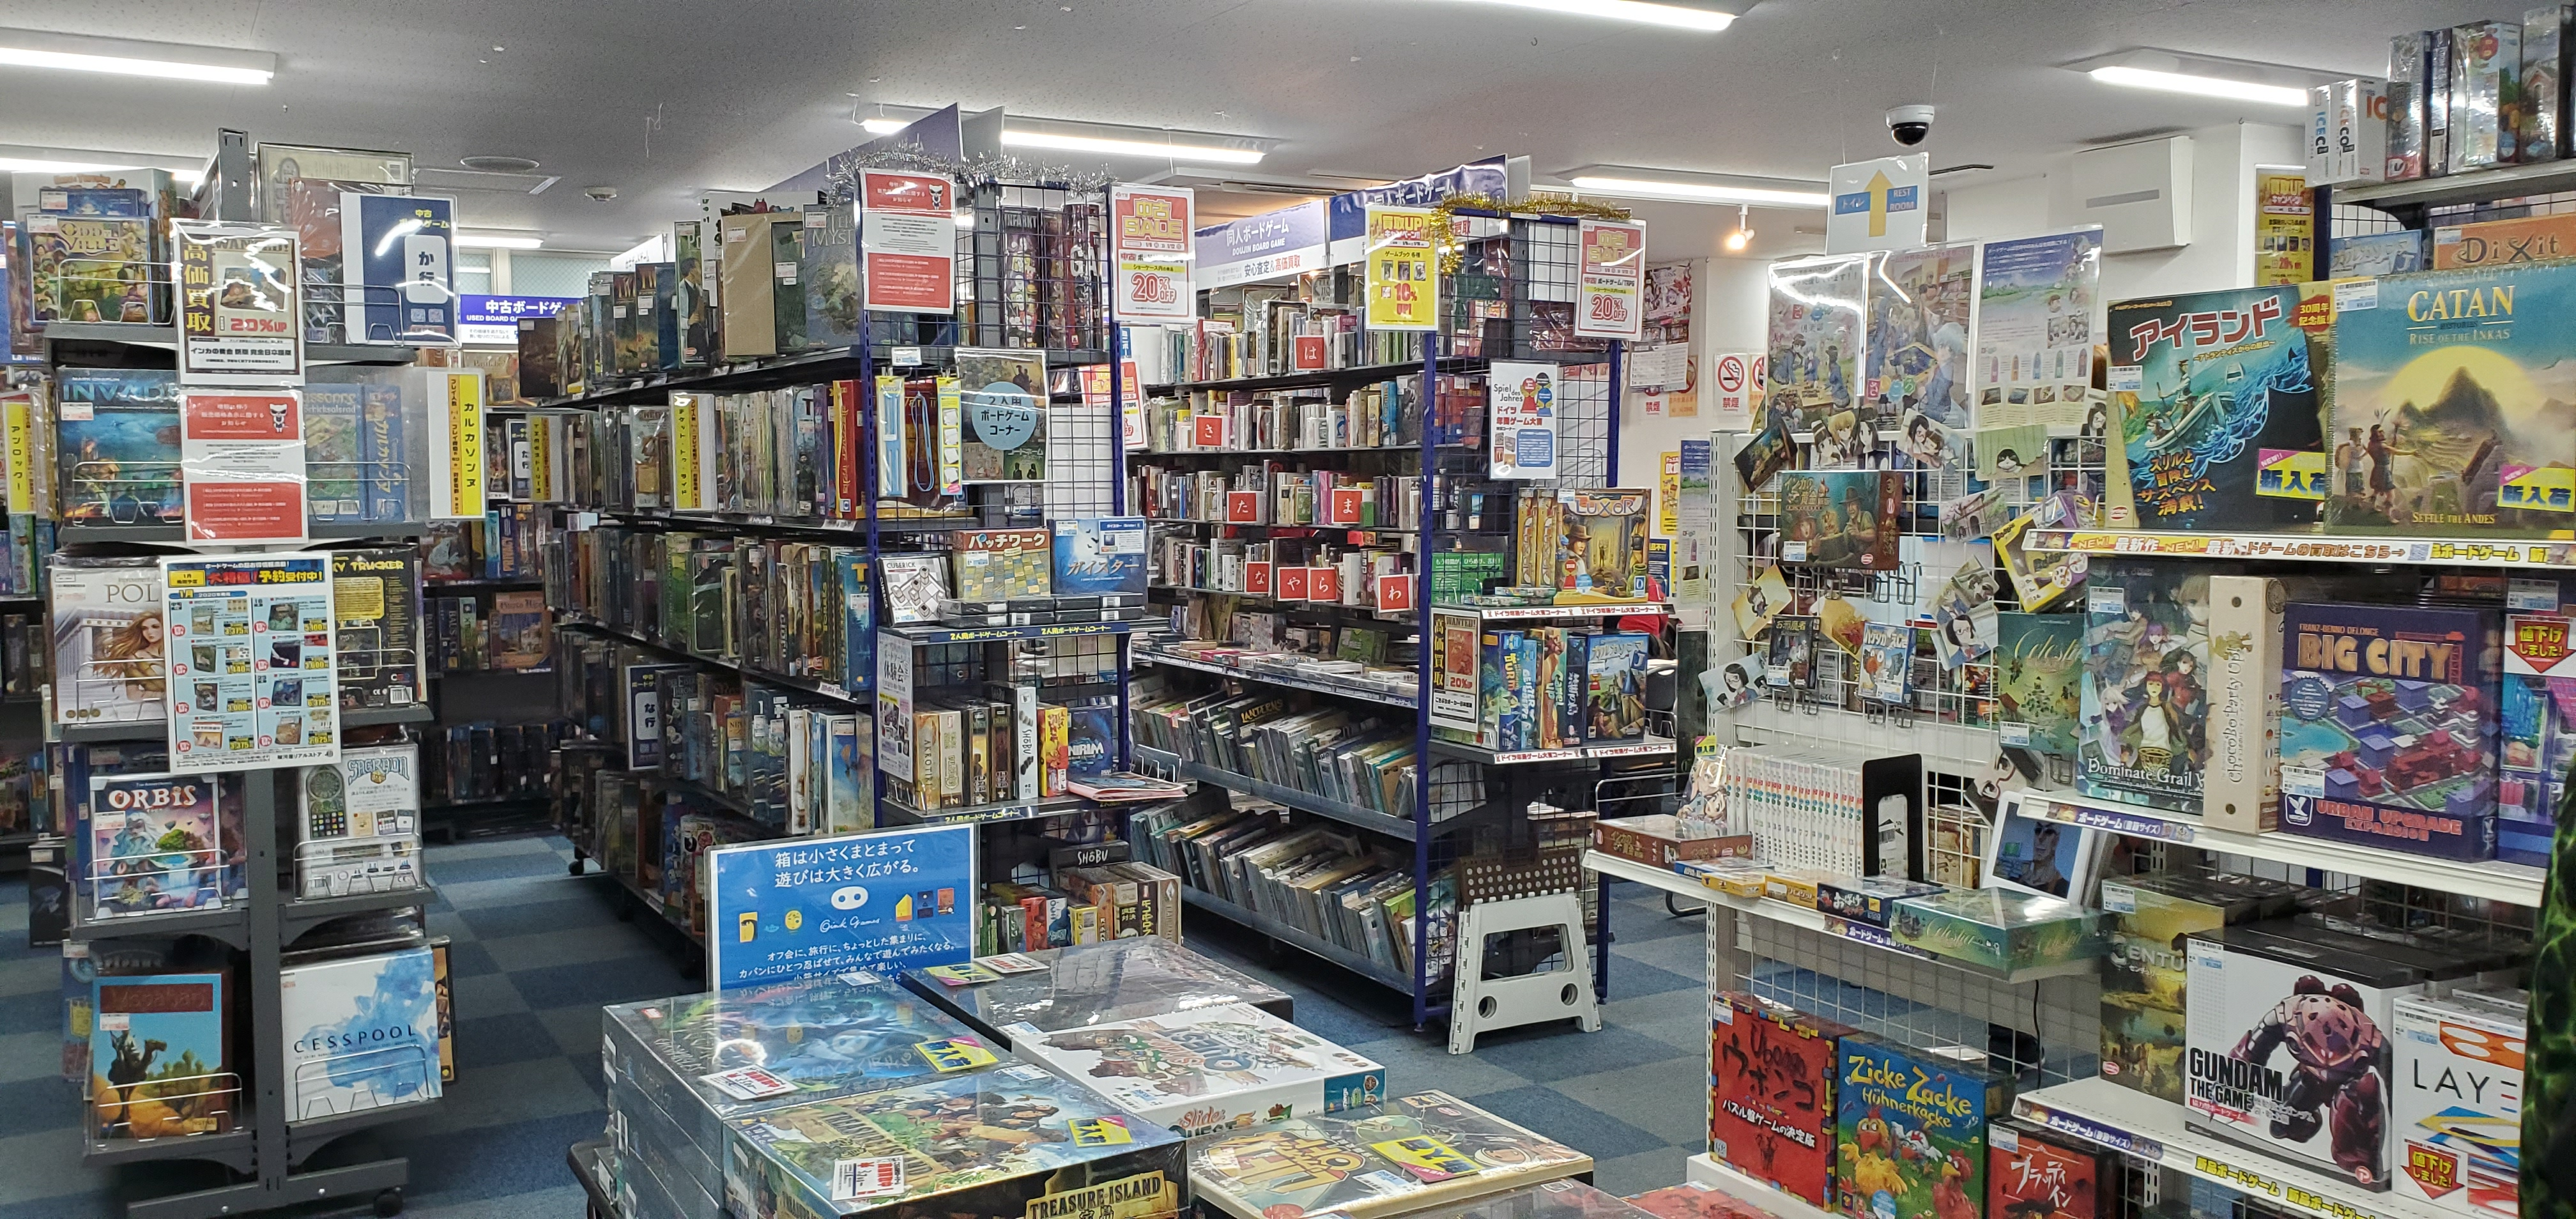 Surugaya Akihabara Game Museum Tokyo Cheapo There is also another 2. surugaya akihabara game museum tokyo